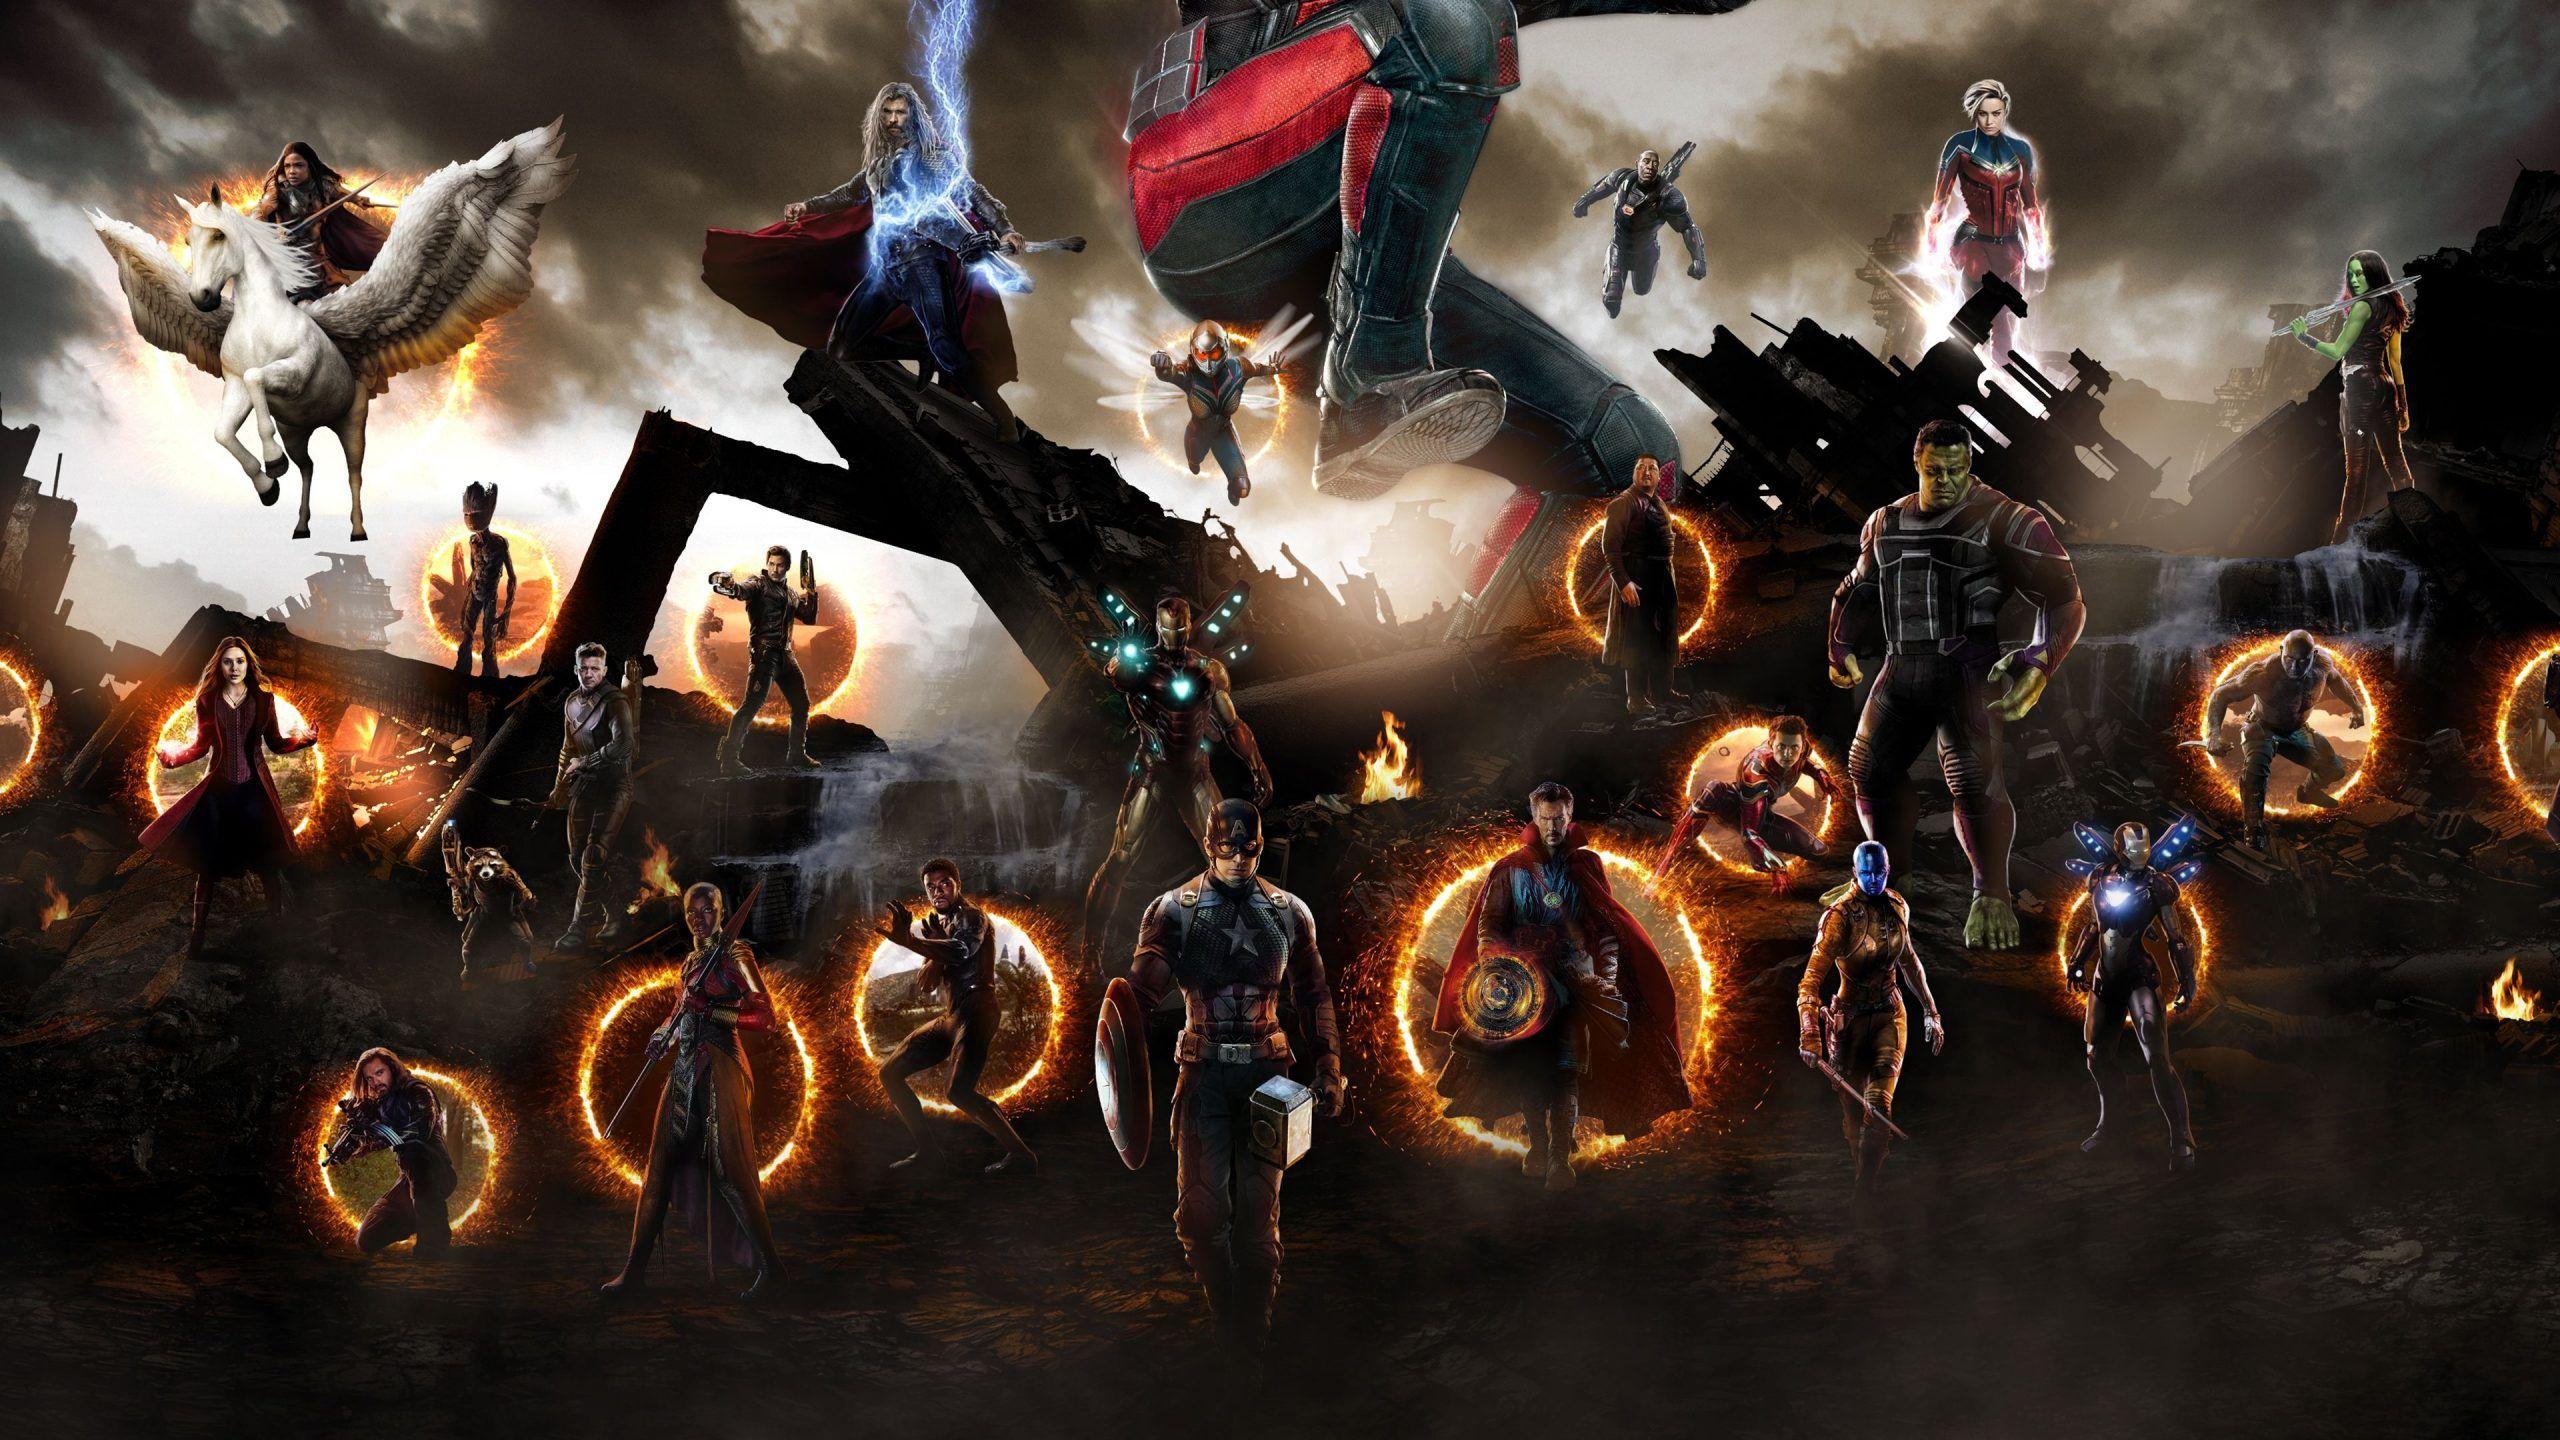 Cool Full Hd Avengers Endgame Thor 3d Wallpaper Photos Avengers Cool Endgame Full Photos Thor W Marvel Wallpaper Avengers Wallpaper Marvel Avengers Funny